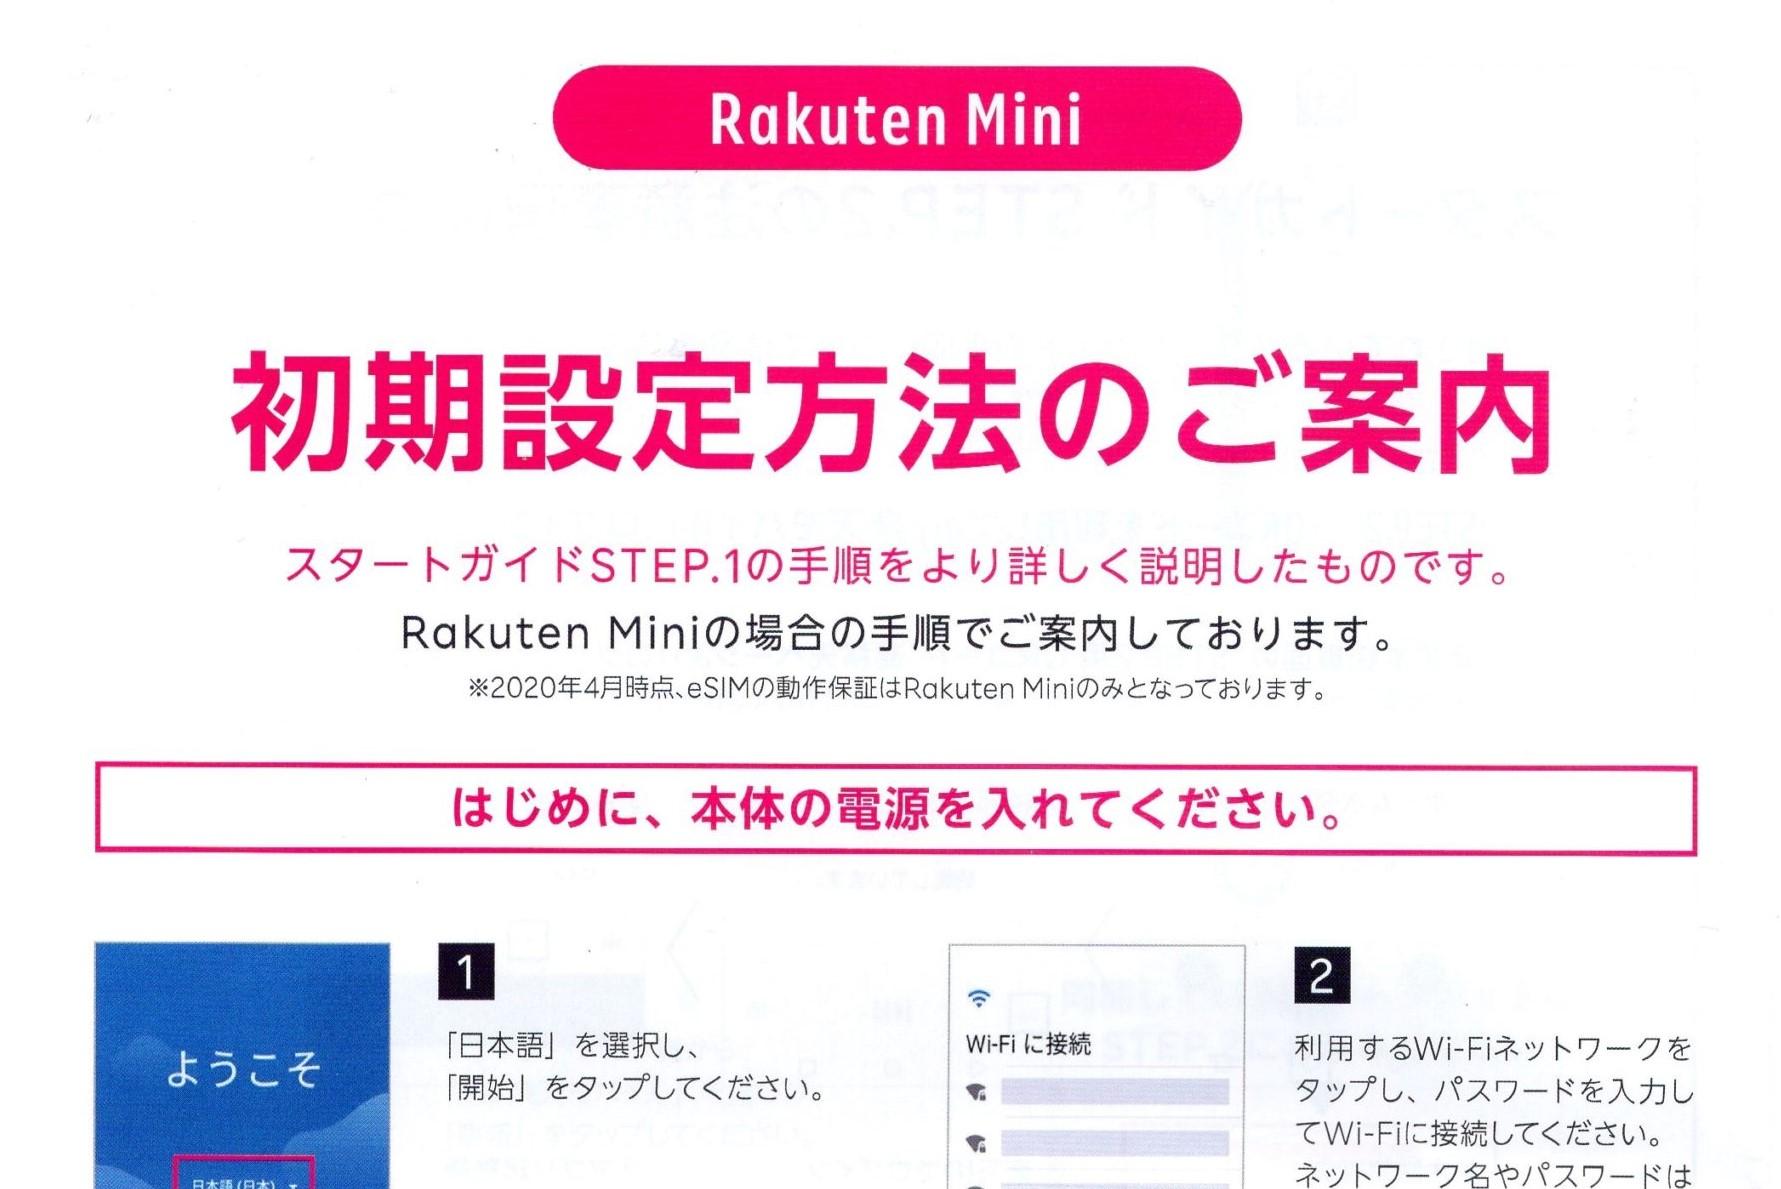 楽天モバイルRakutenMini初期設定